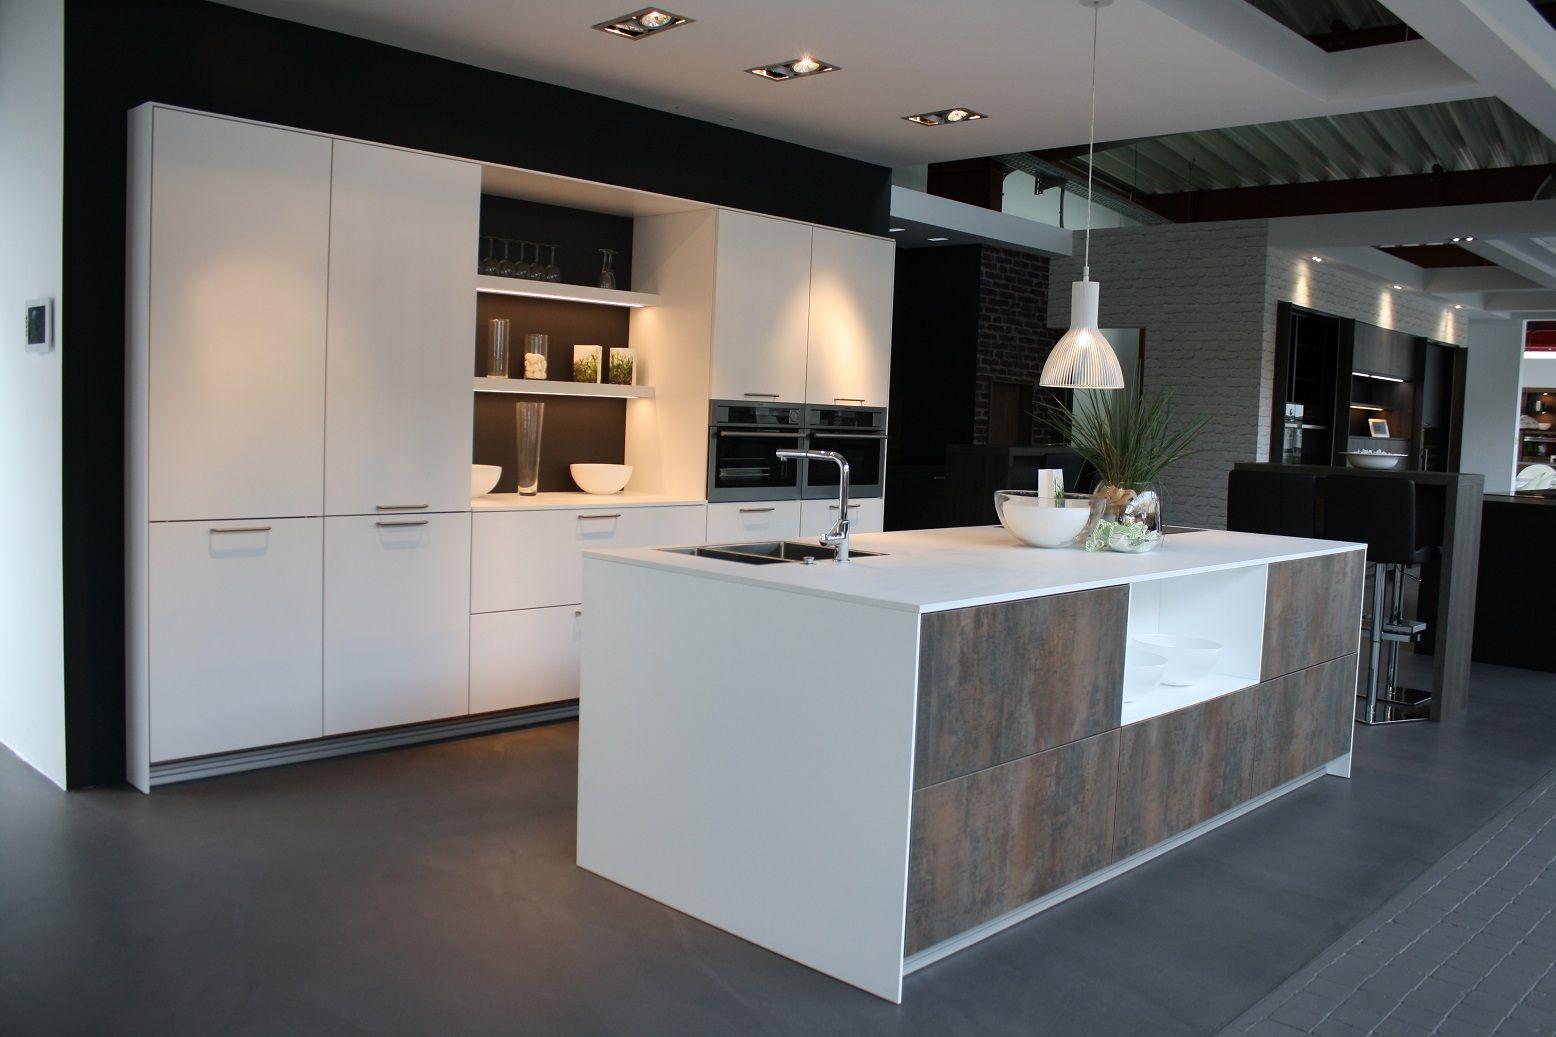 Landelijk Keuken Strakke : Showroomkeukens alle showroomkeuken aanbiedingen uit nederland